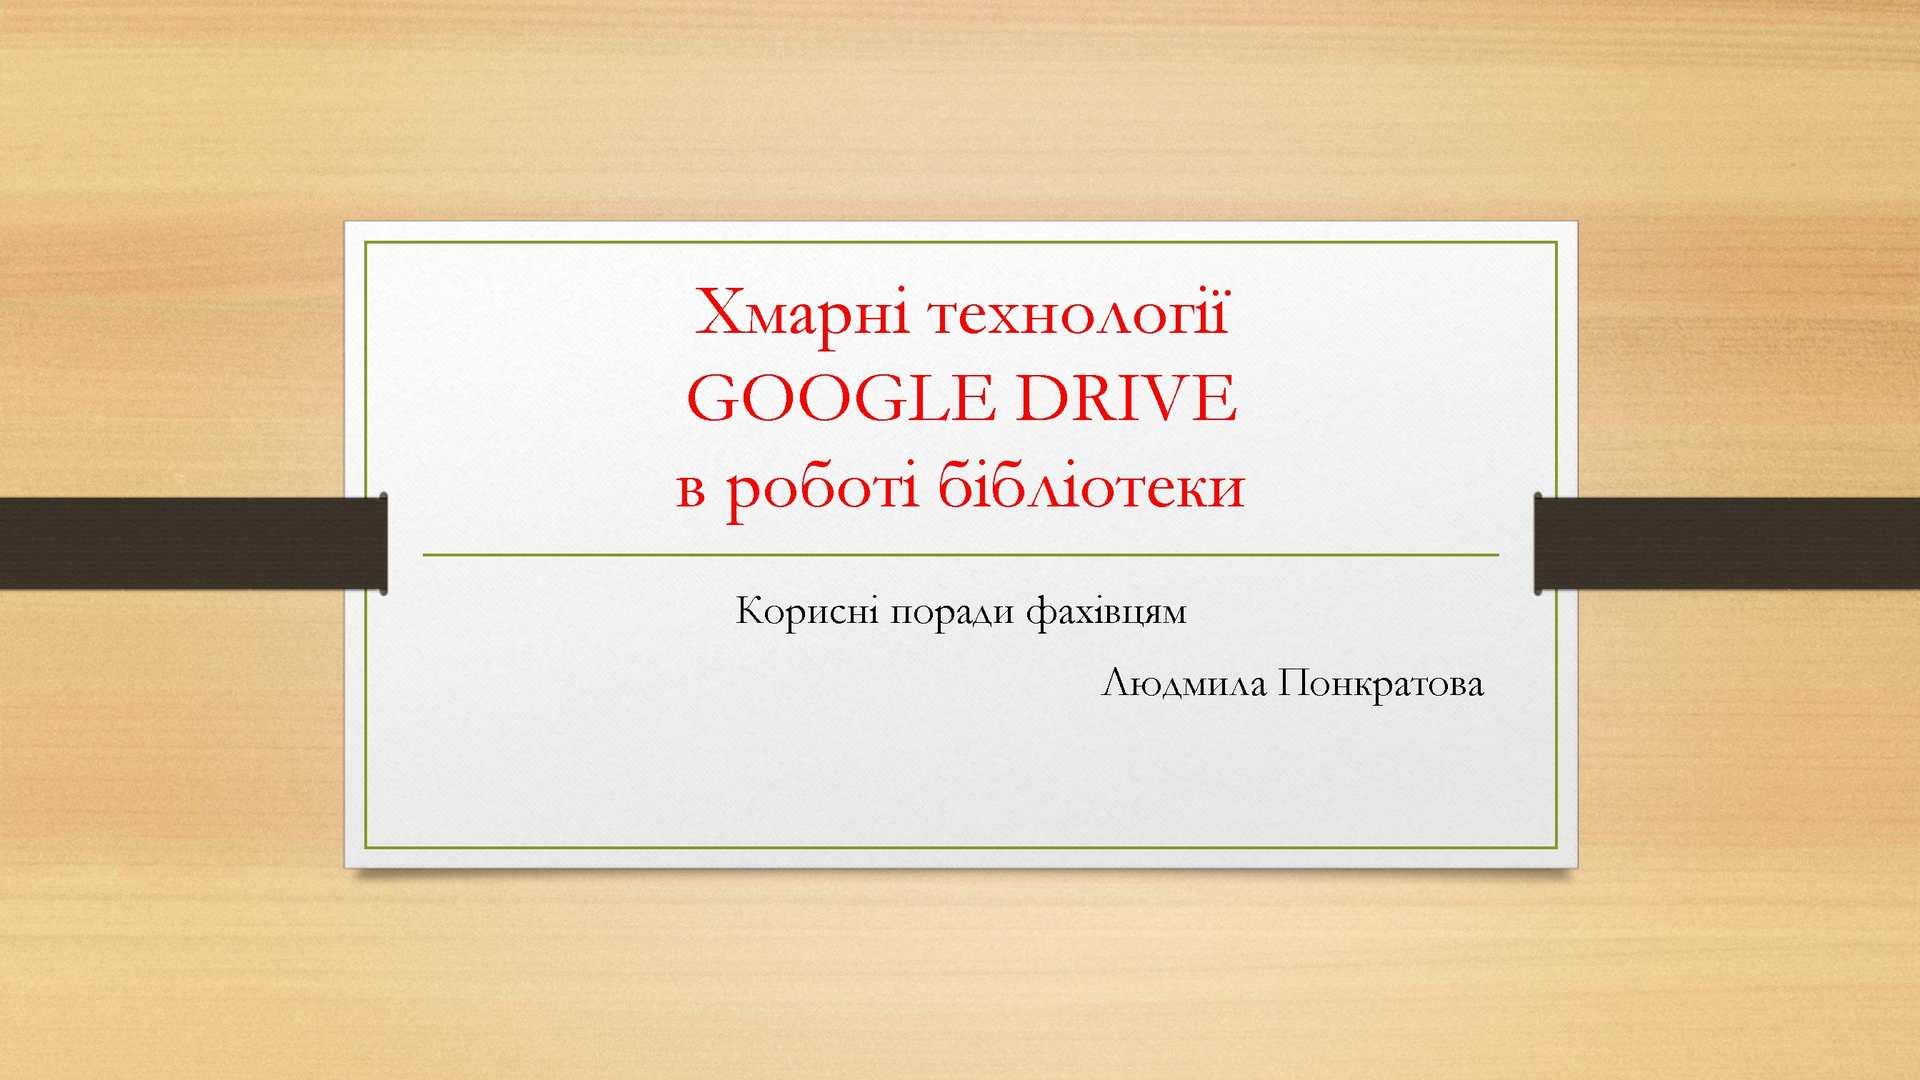 Хмарні технології в роботі бібліотеки. Диск Google